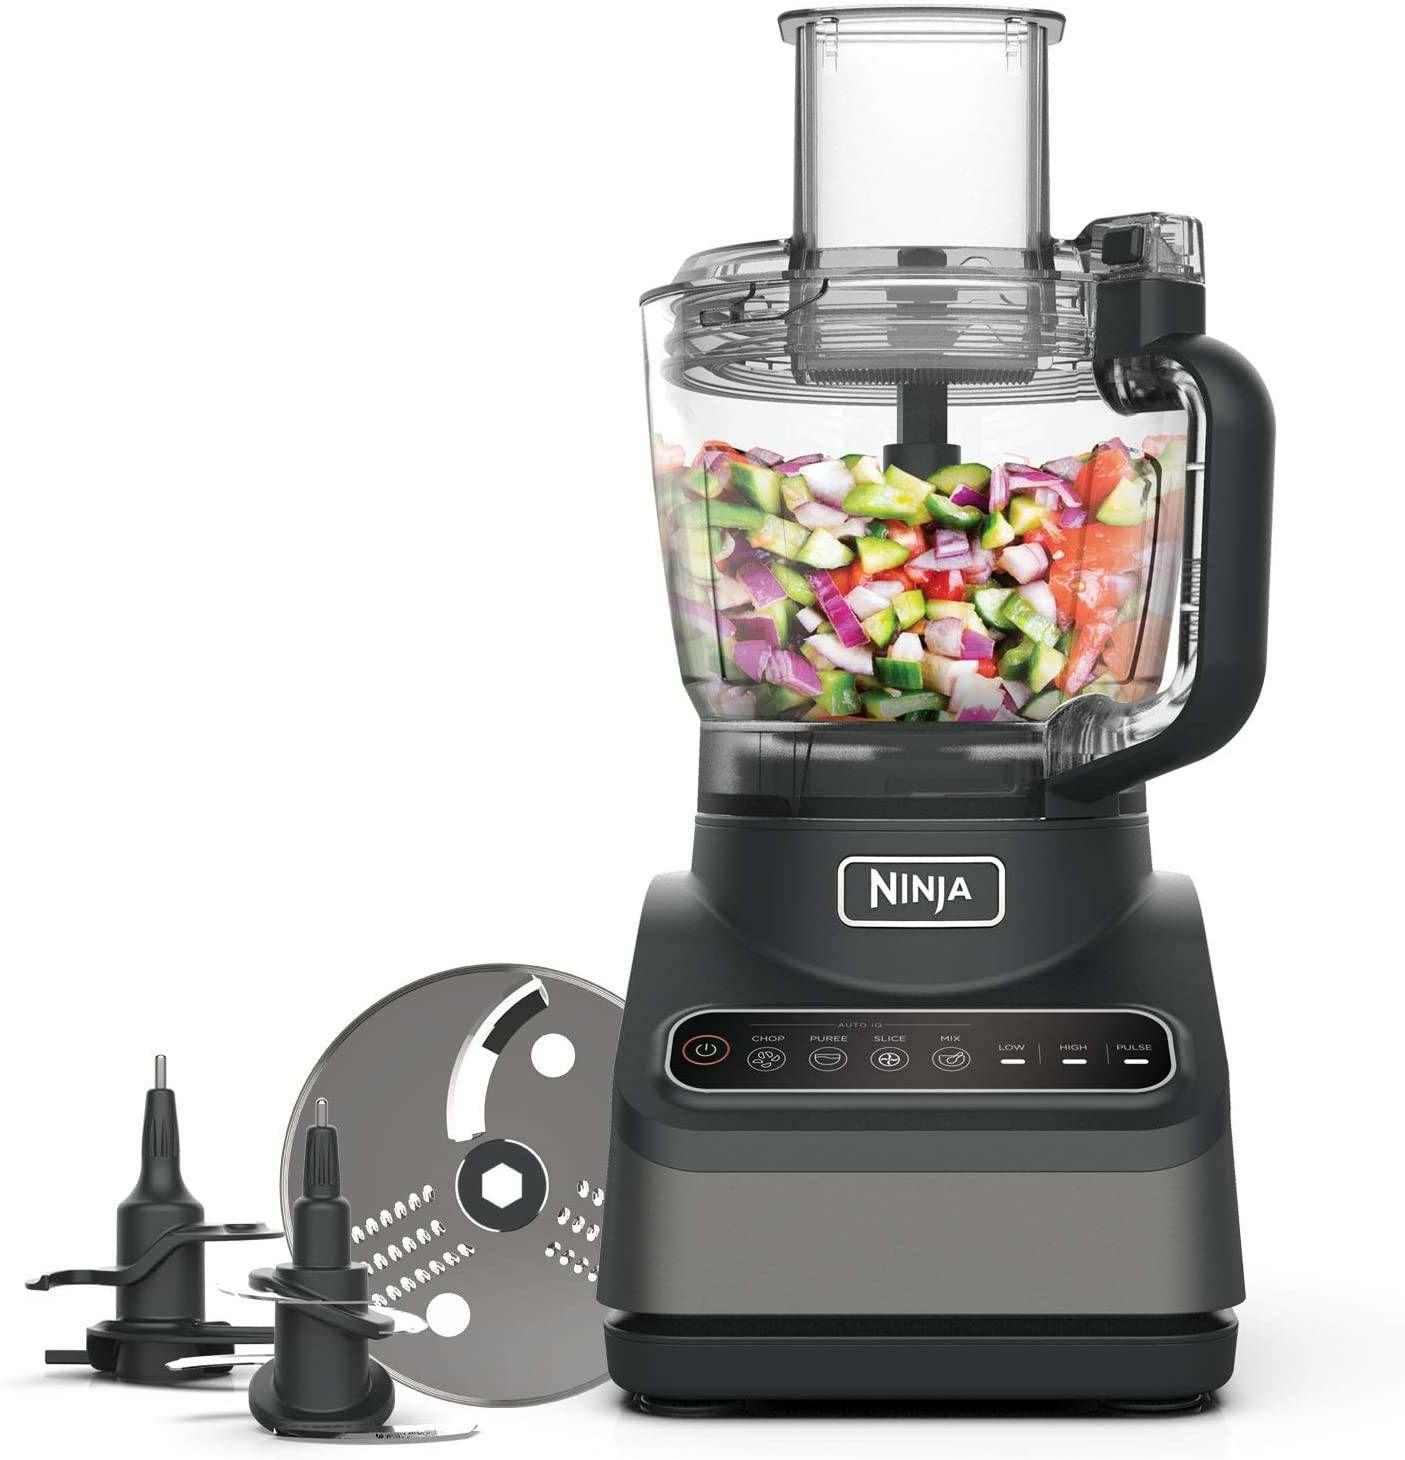 Ninja BN650UK Food Processor 2.1 Litres 850 Watt Silver New £78.40 from AO